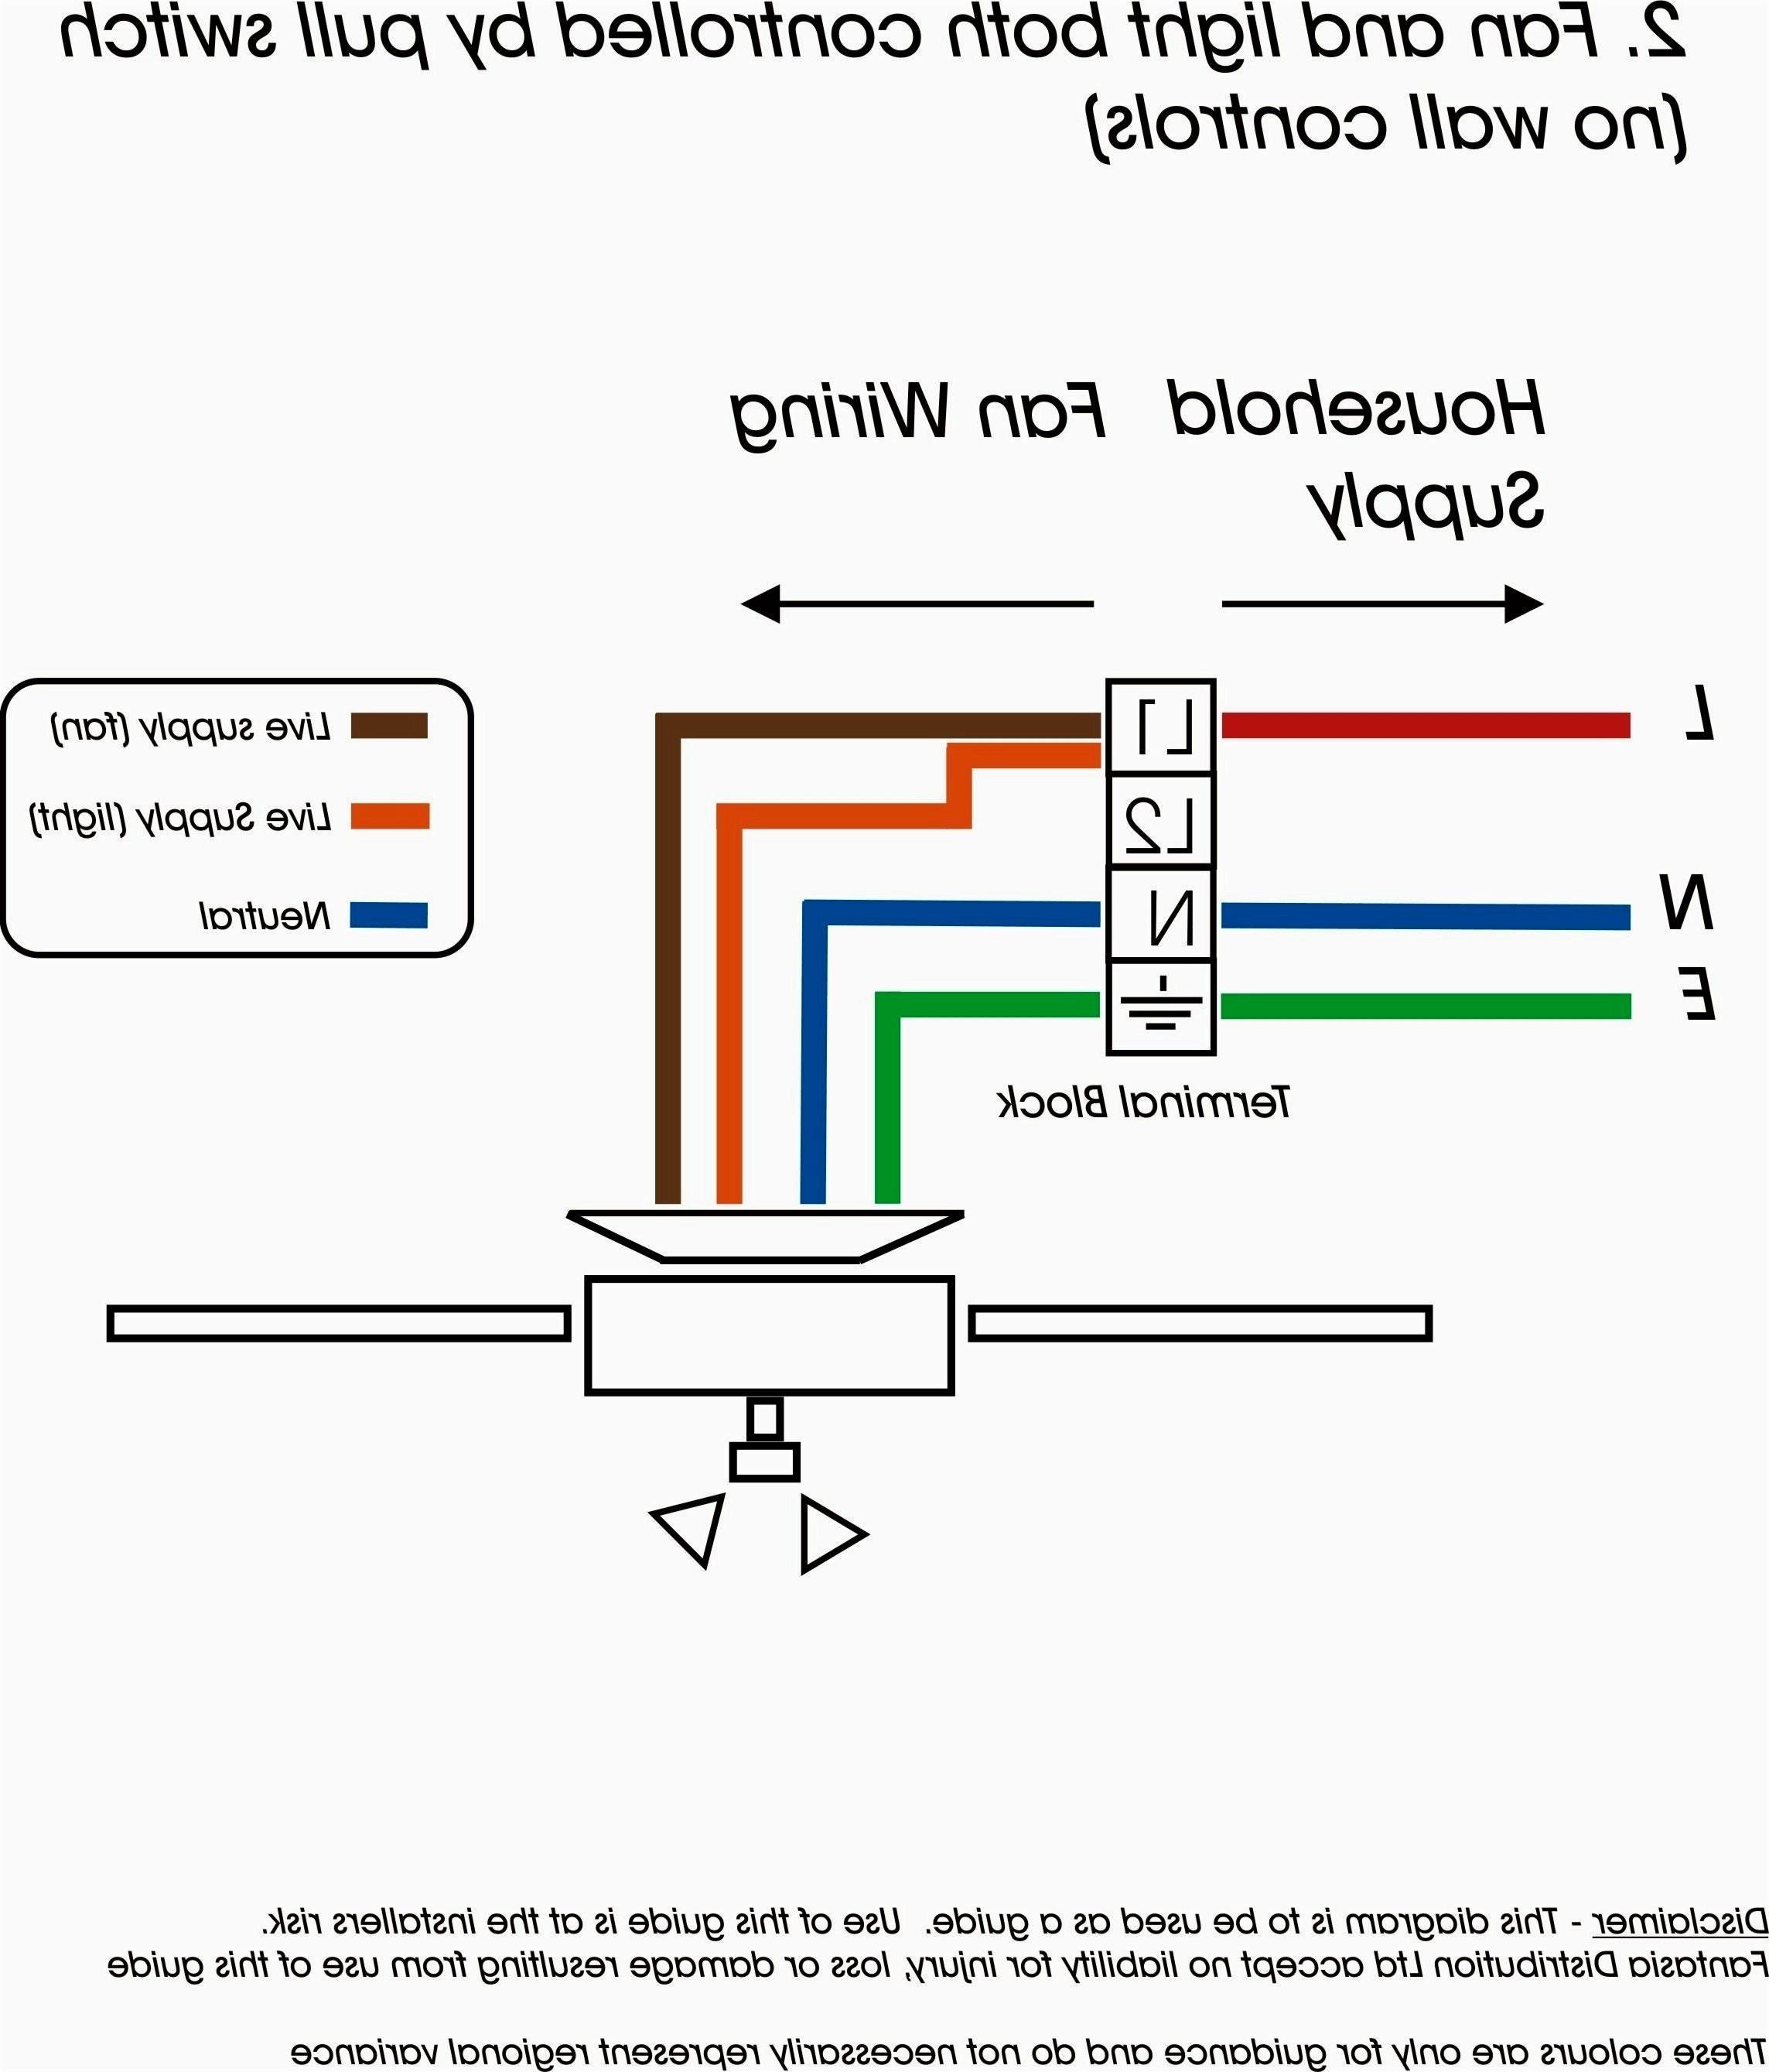 Harbor Breeze Fan Wiring Diagram Gallery | Wiring Diagram Sample on marvel wiring diagram, husqvarna wiring diagram, rca wiring diagram, john deere wiring diagram, concord wiring diagram, broan wiring diagram, samsung wiring diagram, bionaire wiring diagram, ceiling fan wiring diagram, craftmade wiring diagram, coleman wiring diagram, panasonic wiring diagram, kohler wiring diagram, ge wiring diagram, whirlpool wiring diagram, minn kota 24 volt trolling motor wiring diagram, hampton bay wiring diagram, star wiring diagram, honeywell wiring diagram, hunter wiring diagram,